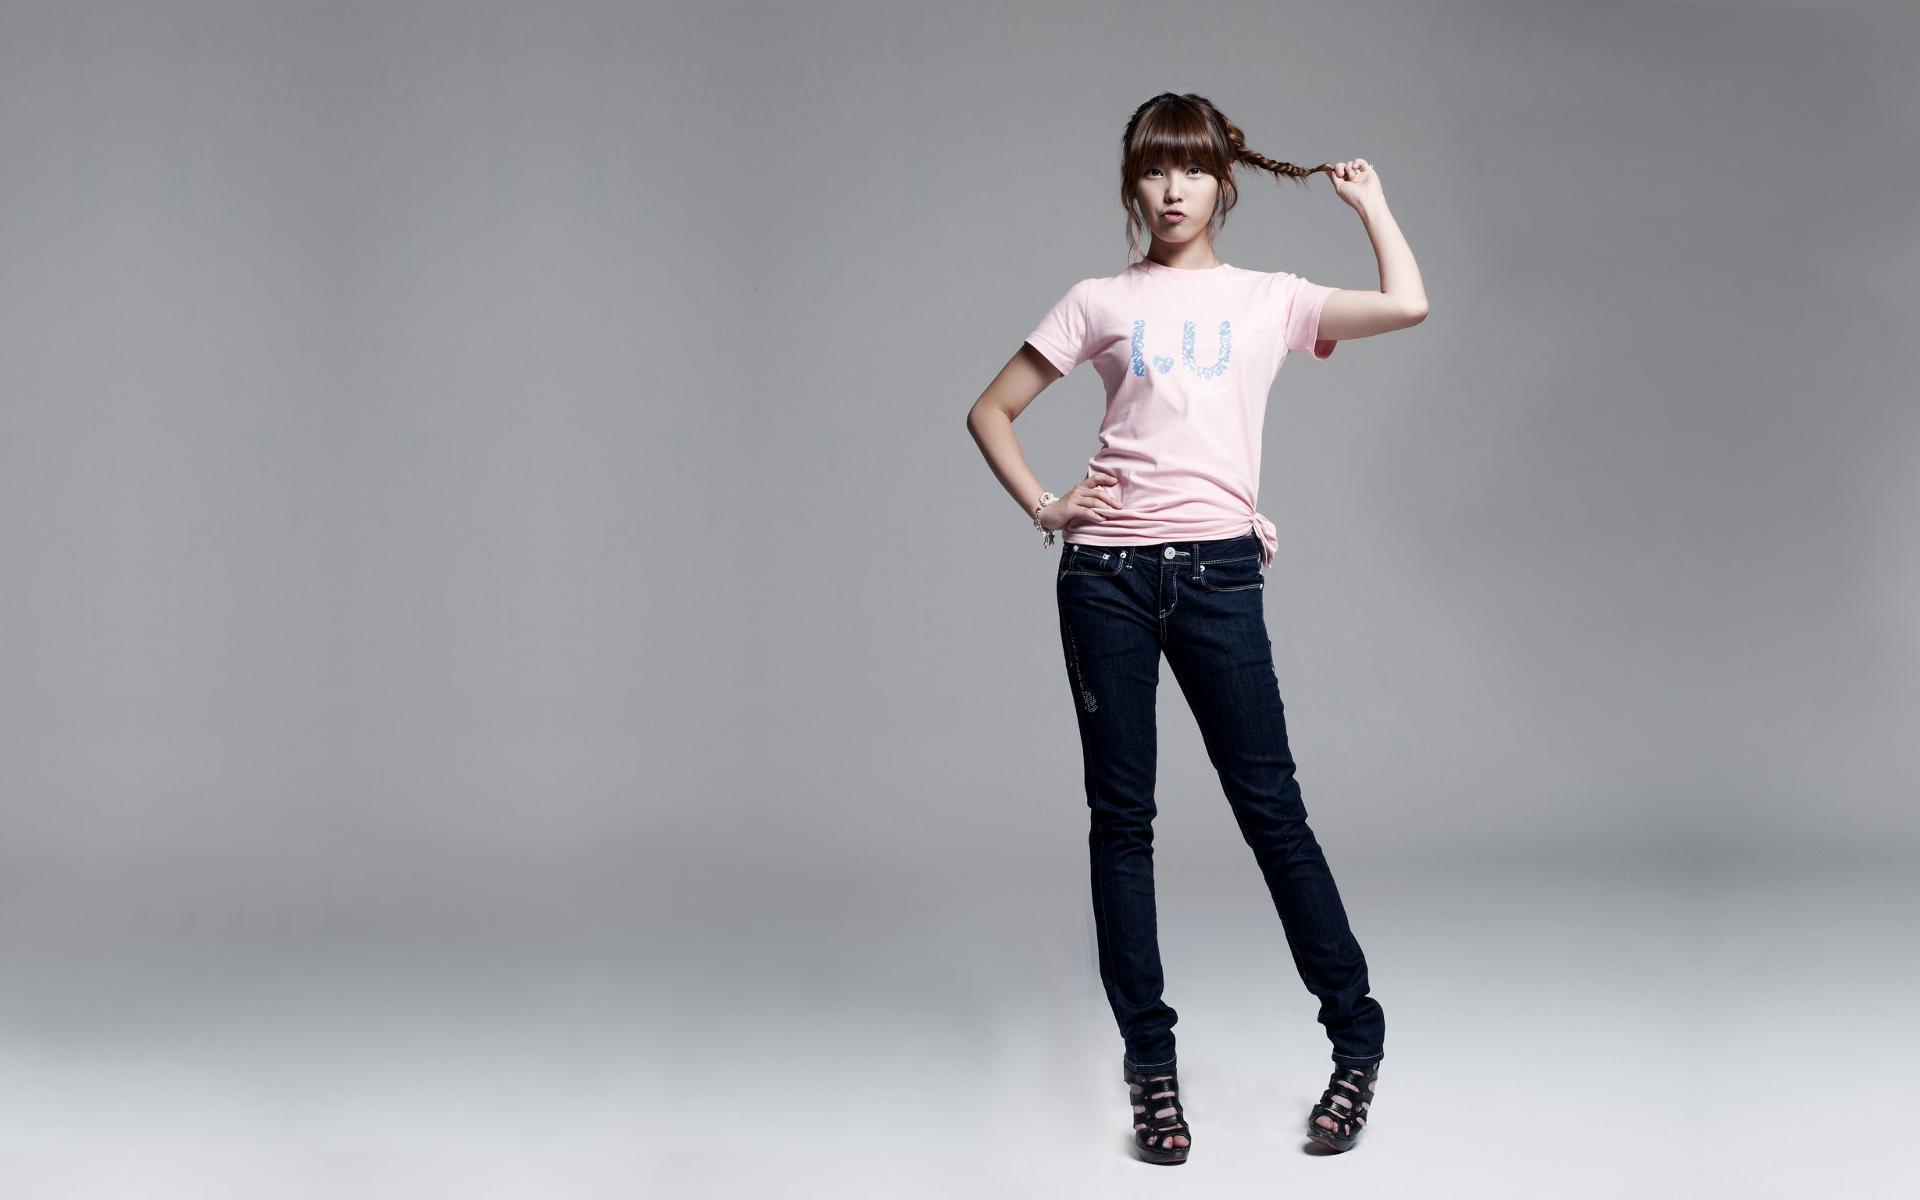 Moda coreana - 1920x1200